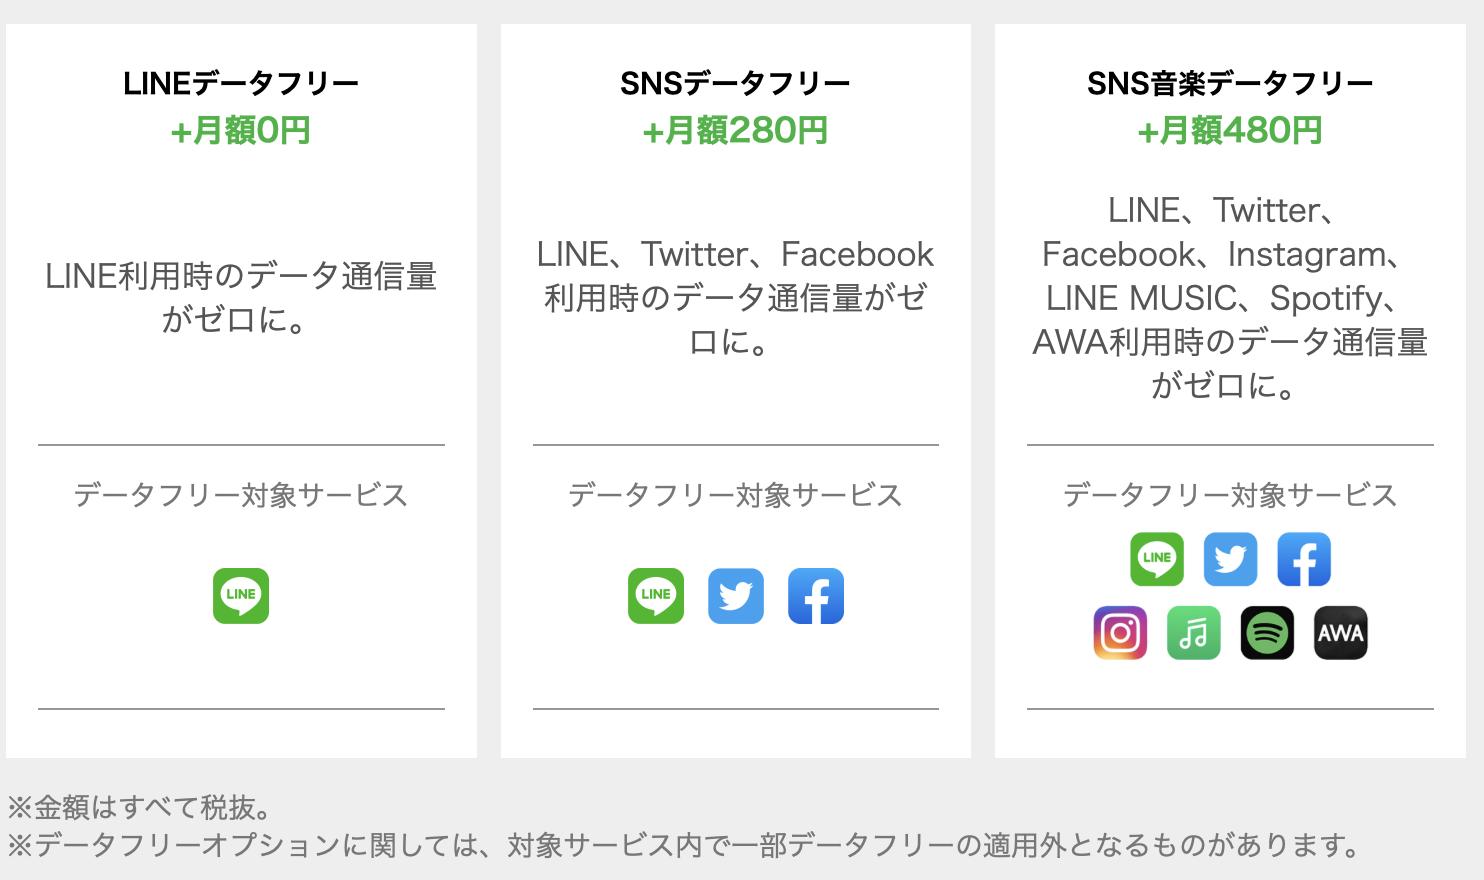 LINEモバイル データフリー